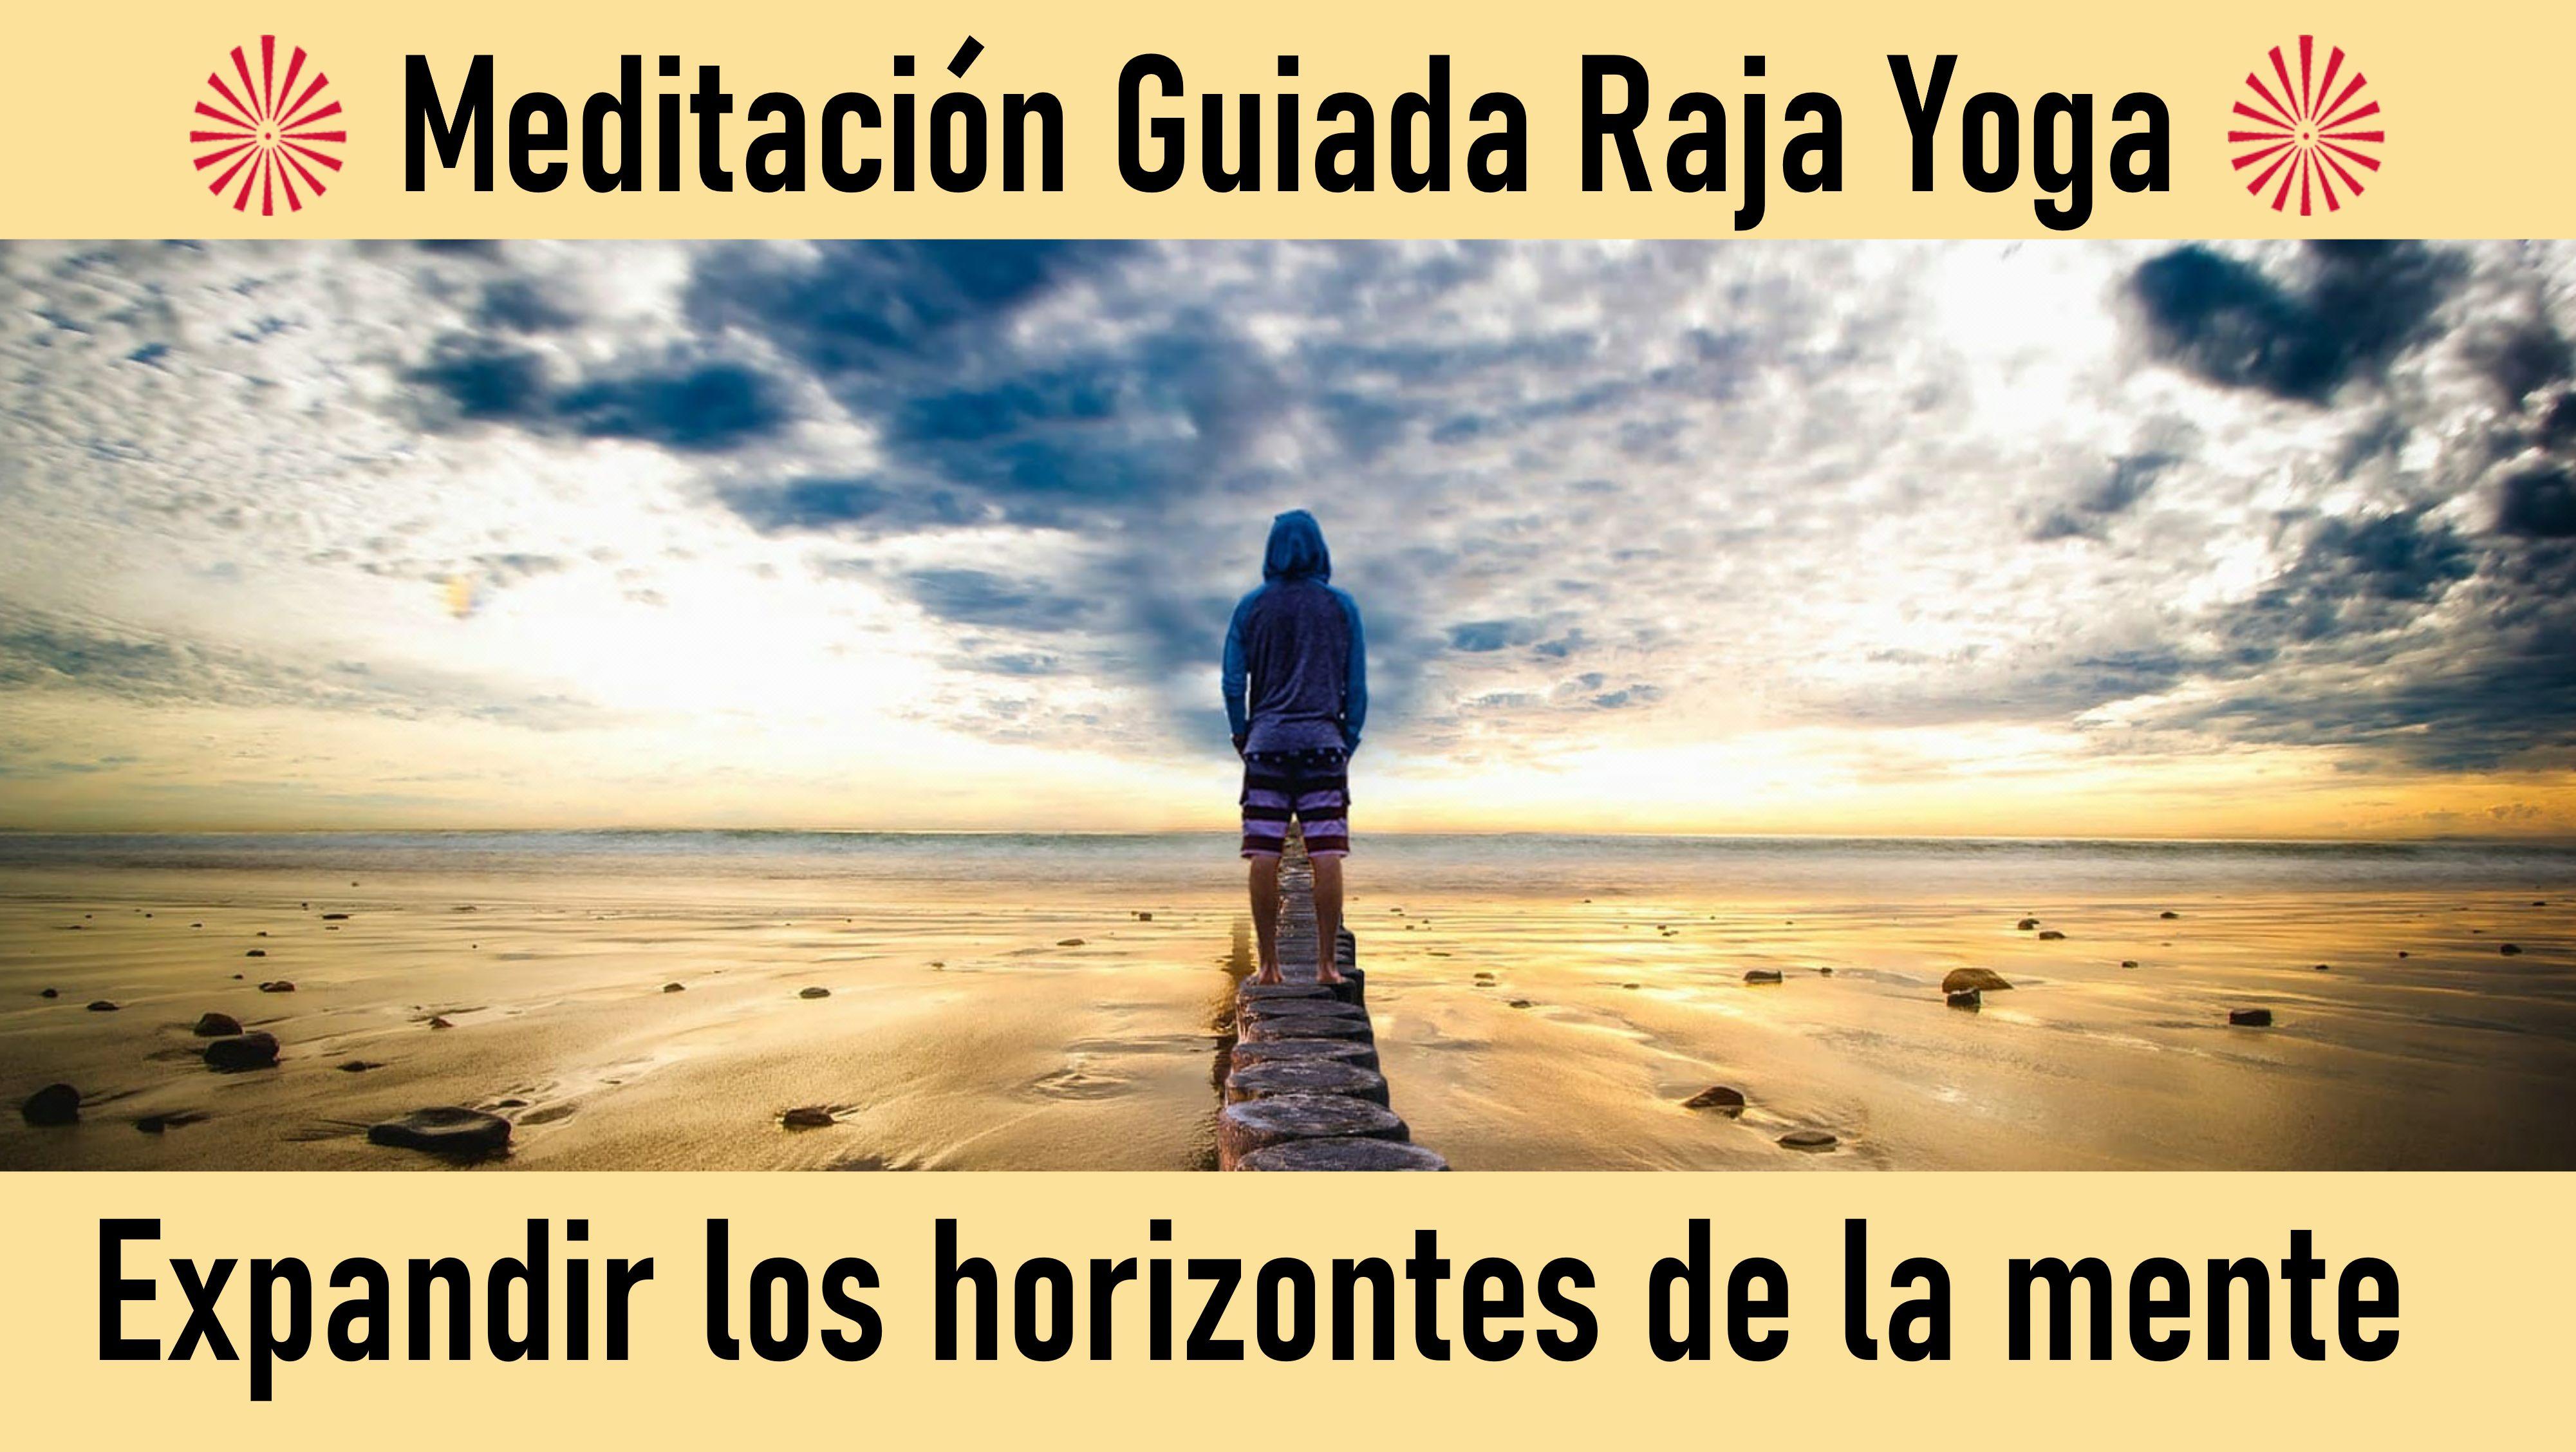 8 Julio 2020 Meditación Guiada: Expandir los horizontes de la mente